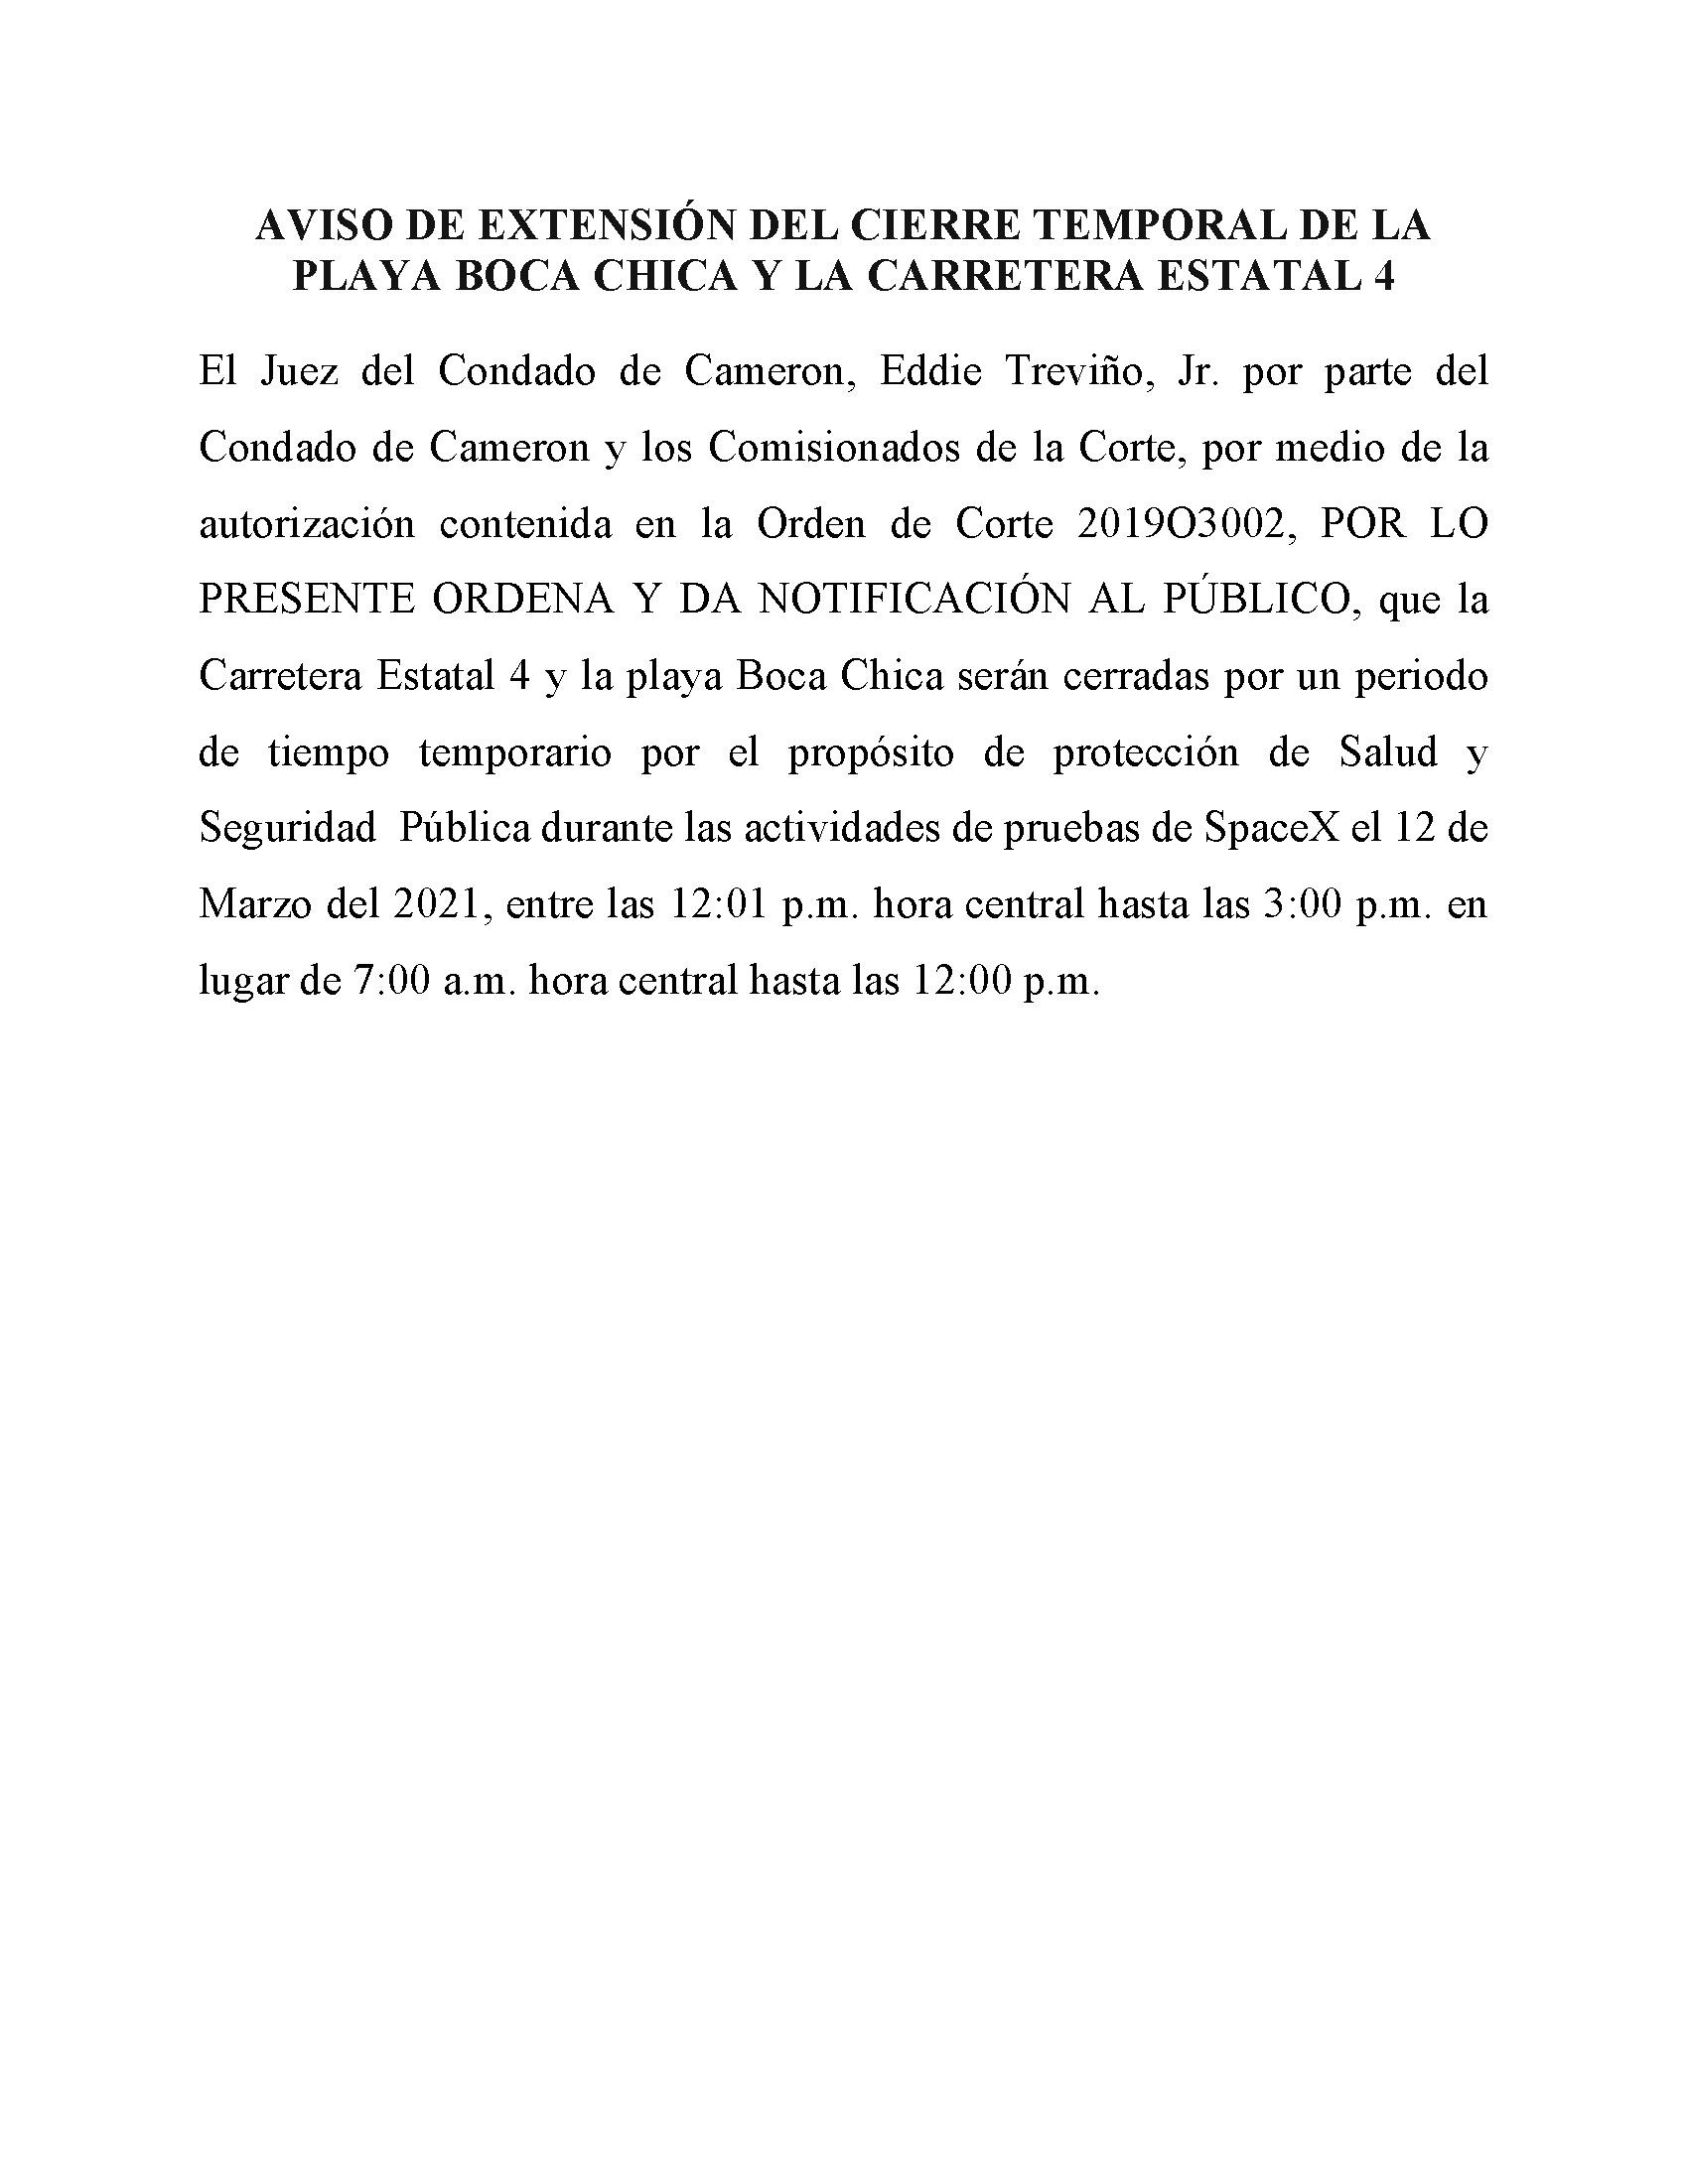 03.12.2021 Order In Spanish